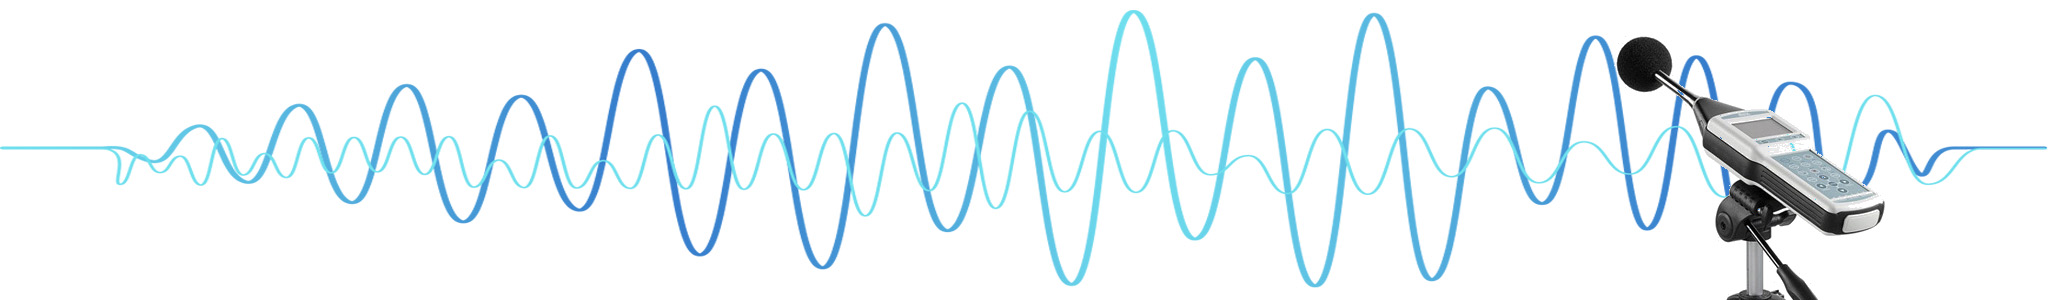 rilievi fonometrici impianti navali